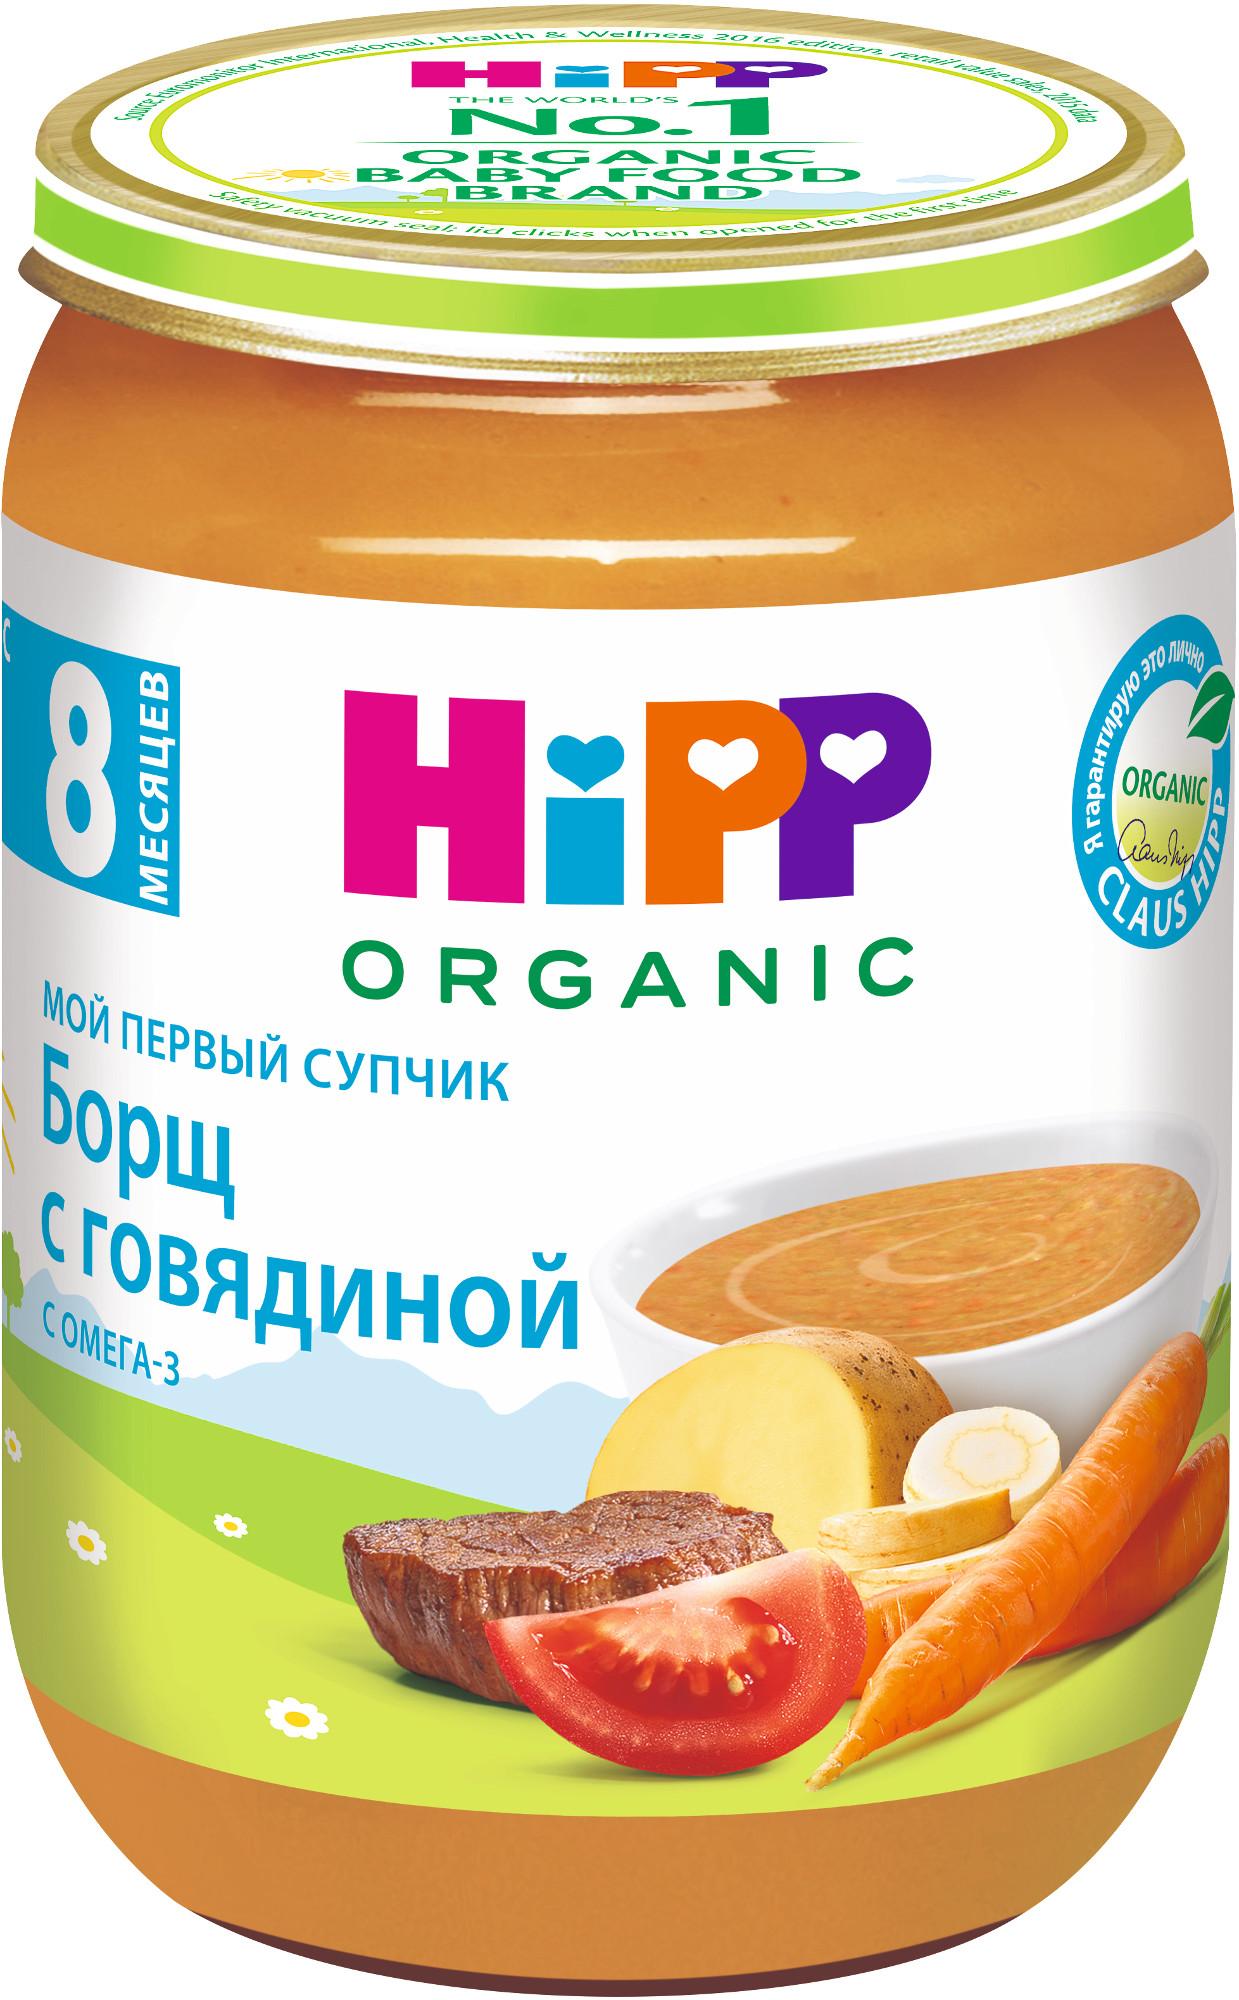 Суп HIPP HiPP борщ с говядиной (с 8 месяцев) 190 г, 1 шт